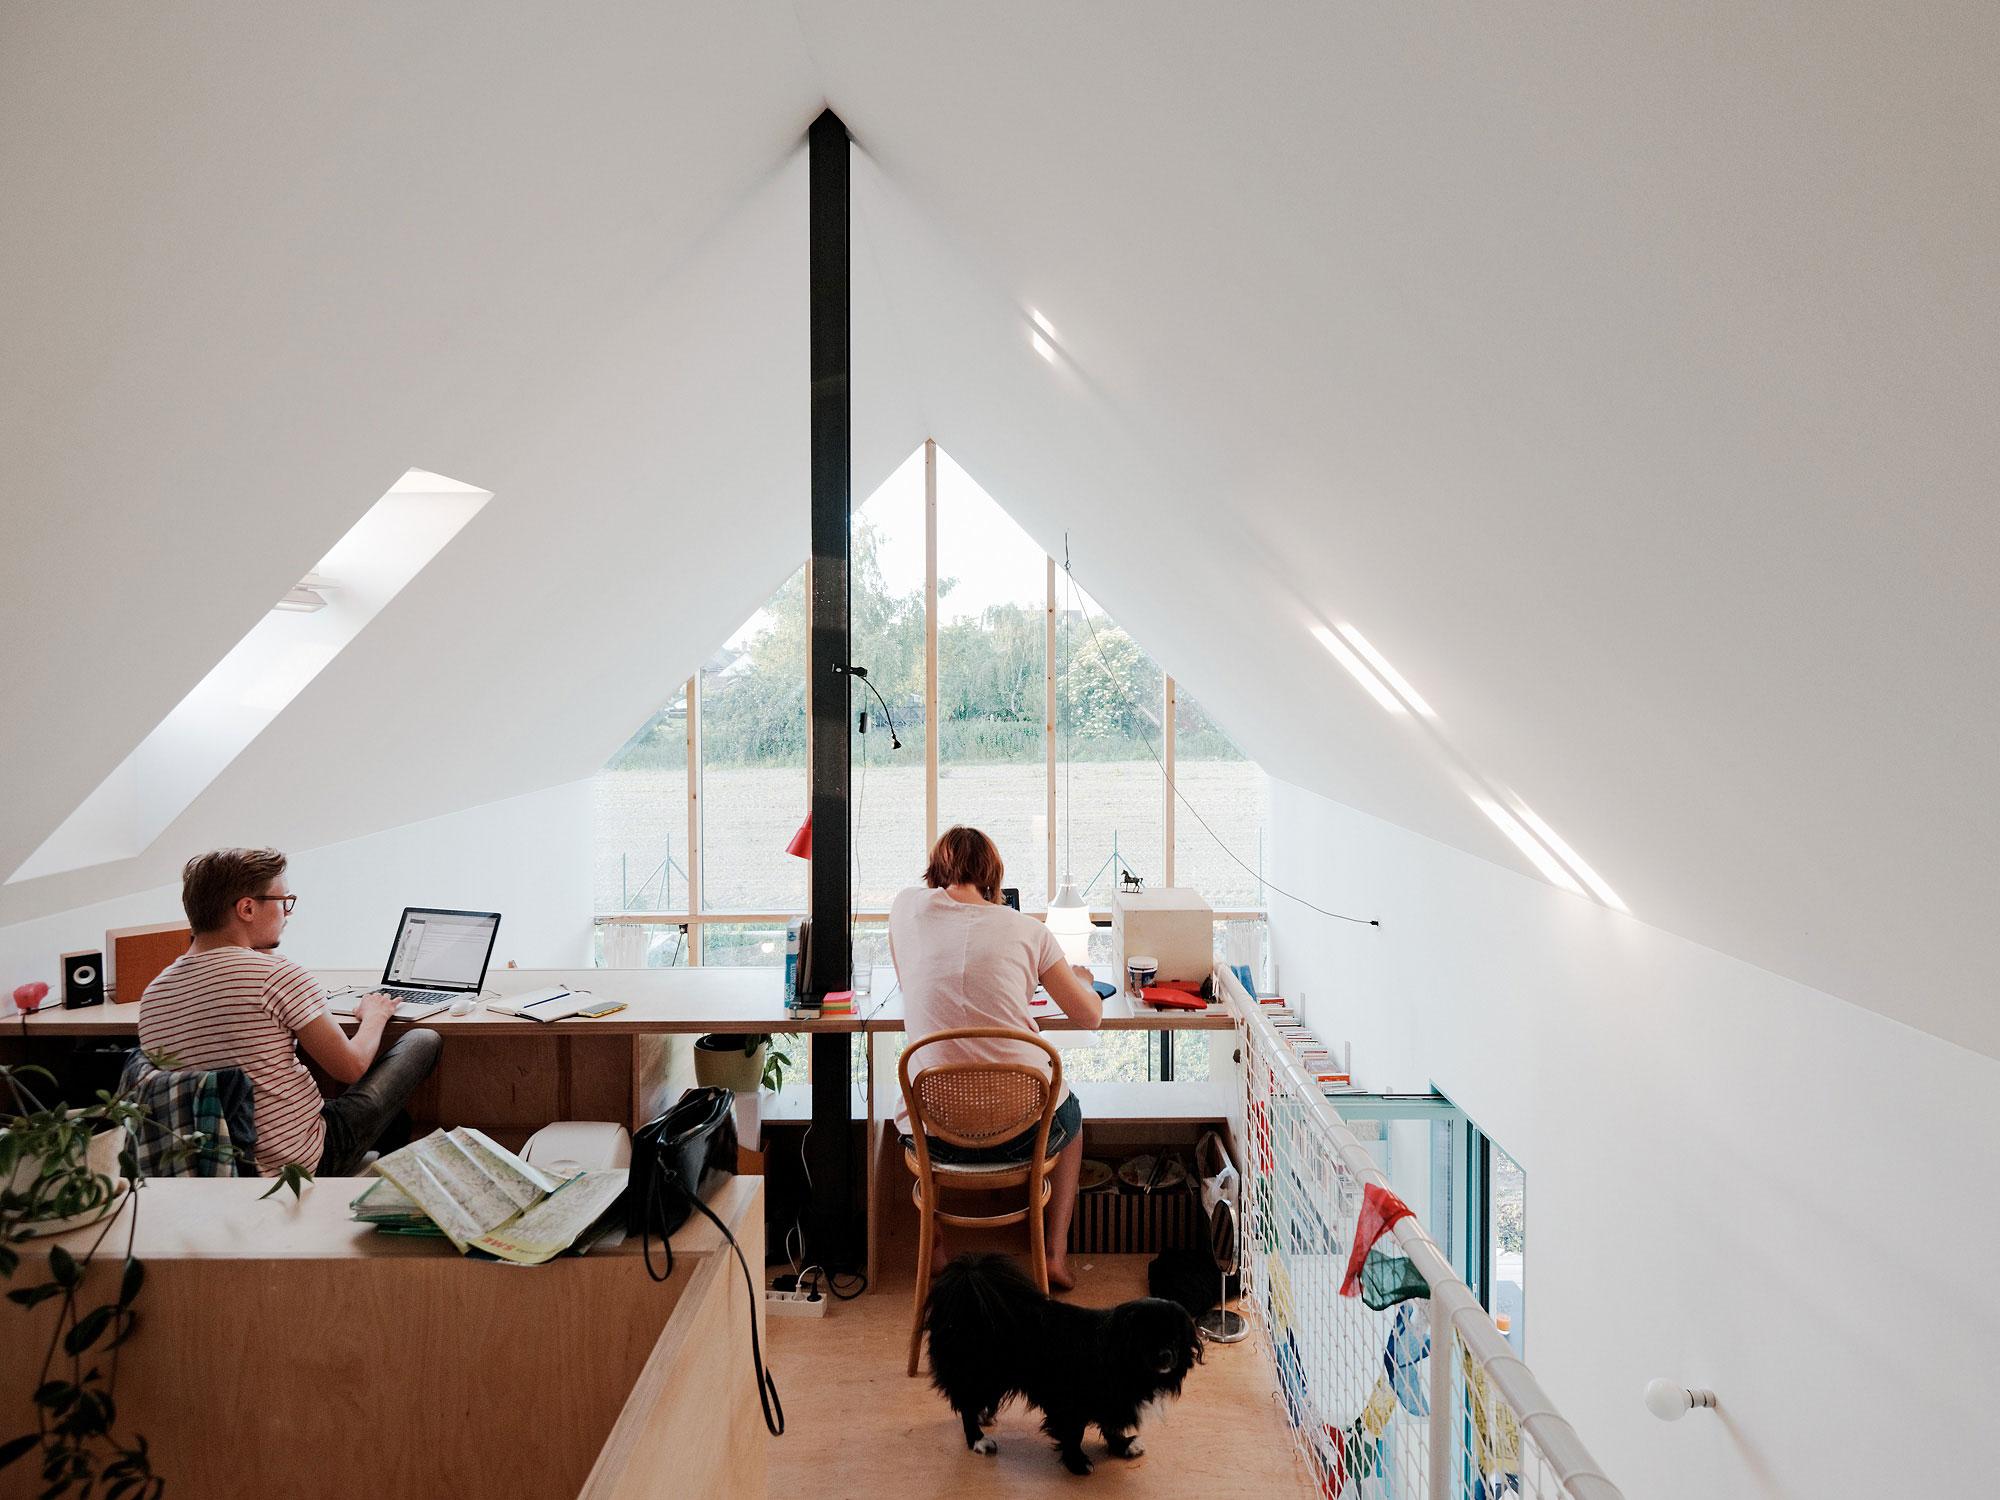 Ngôi nhà cấp 4 với những bức tường kính trong suốt đón trọn ánh sáng và gió trời của đồng quê xung quanh - Ảnh 8.